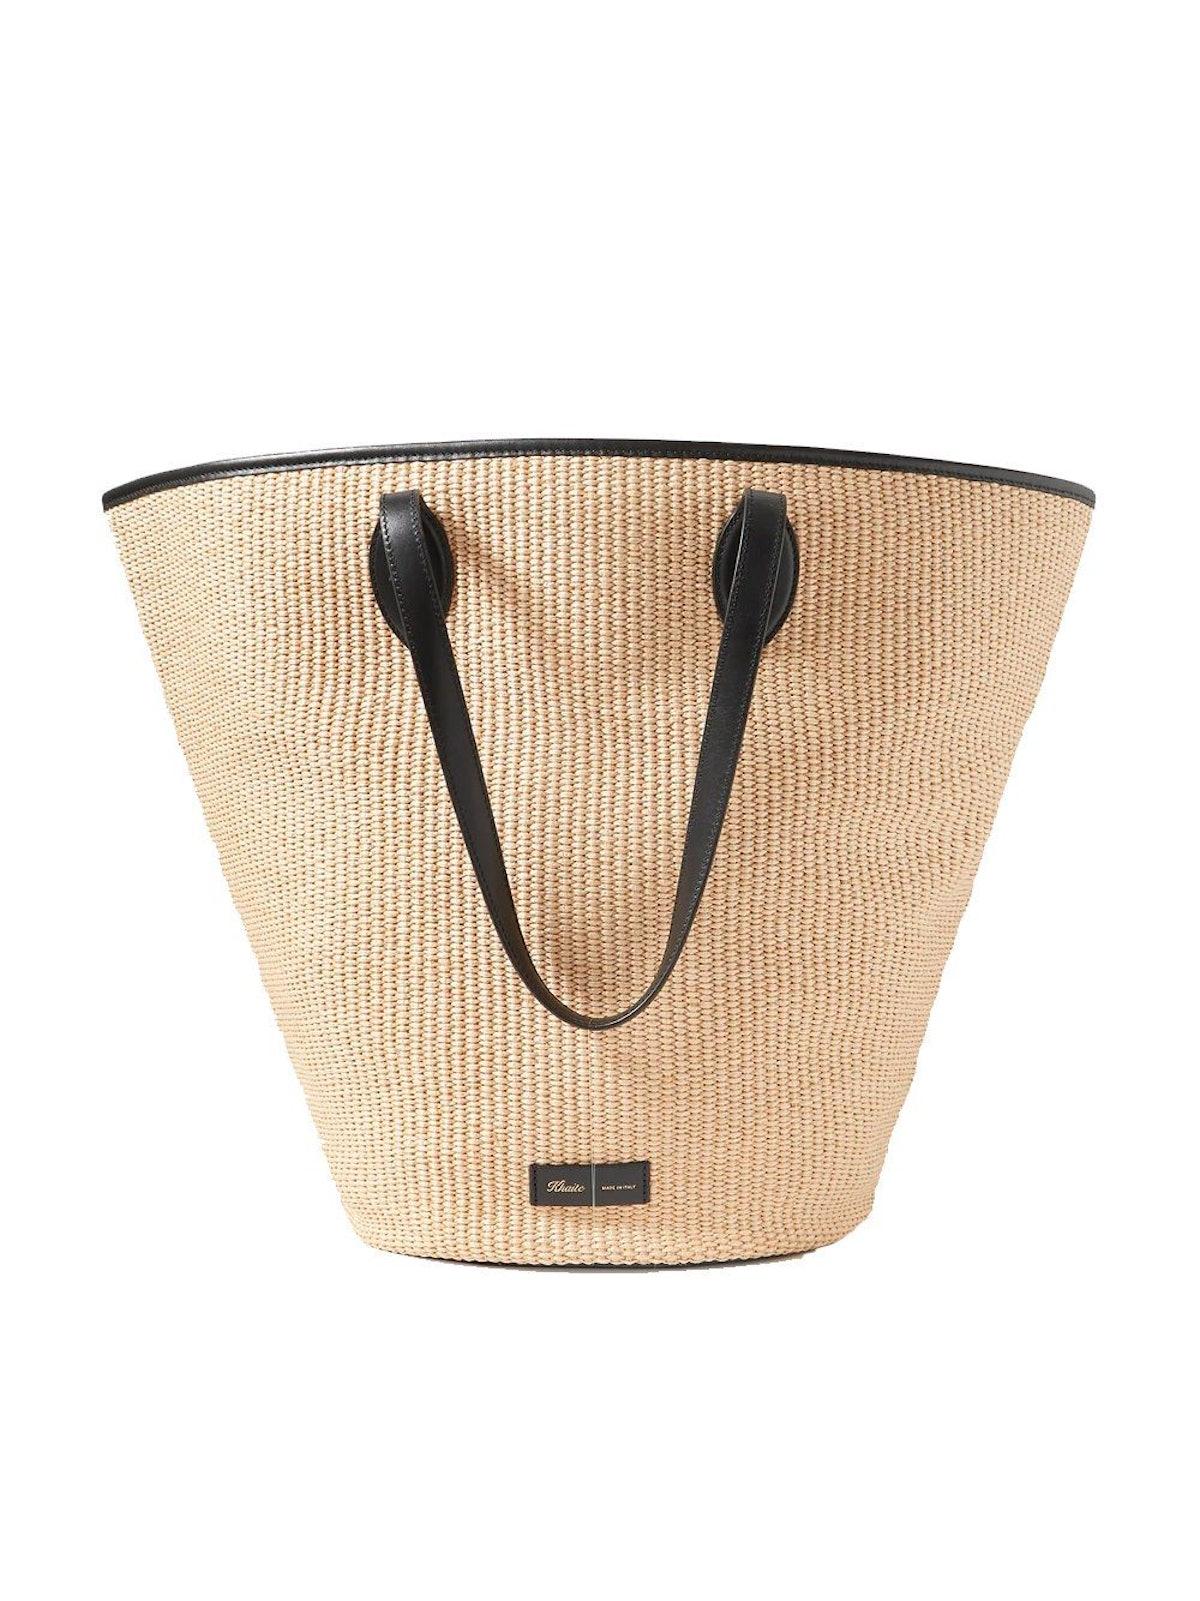 Osa Leather-Trimmed Raffia Tote: image 1